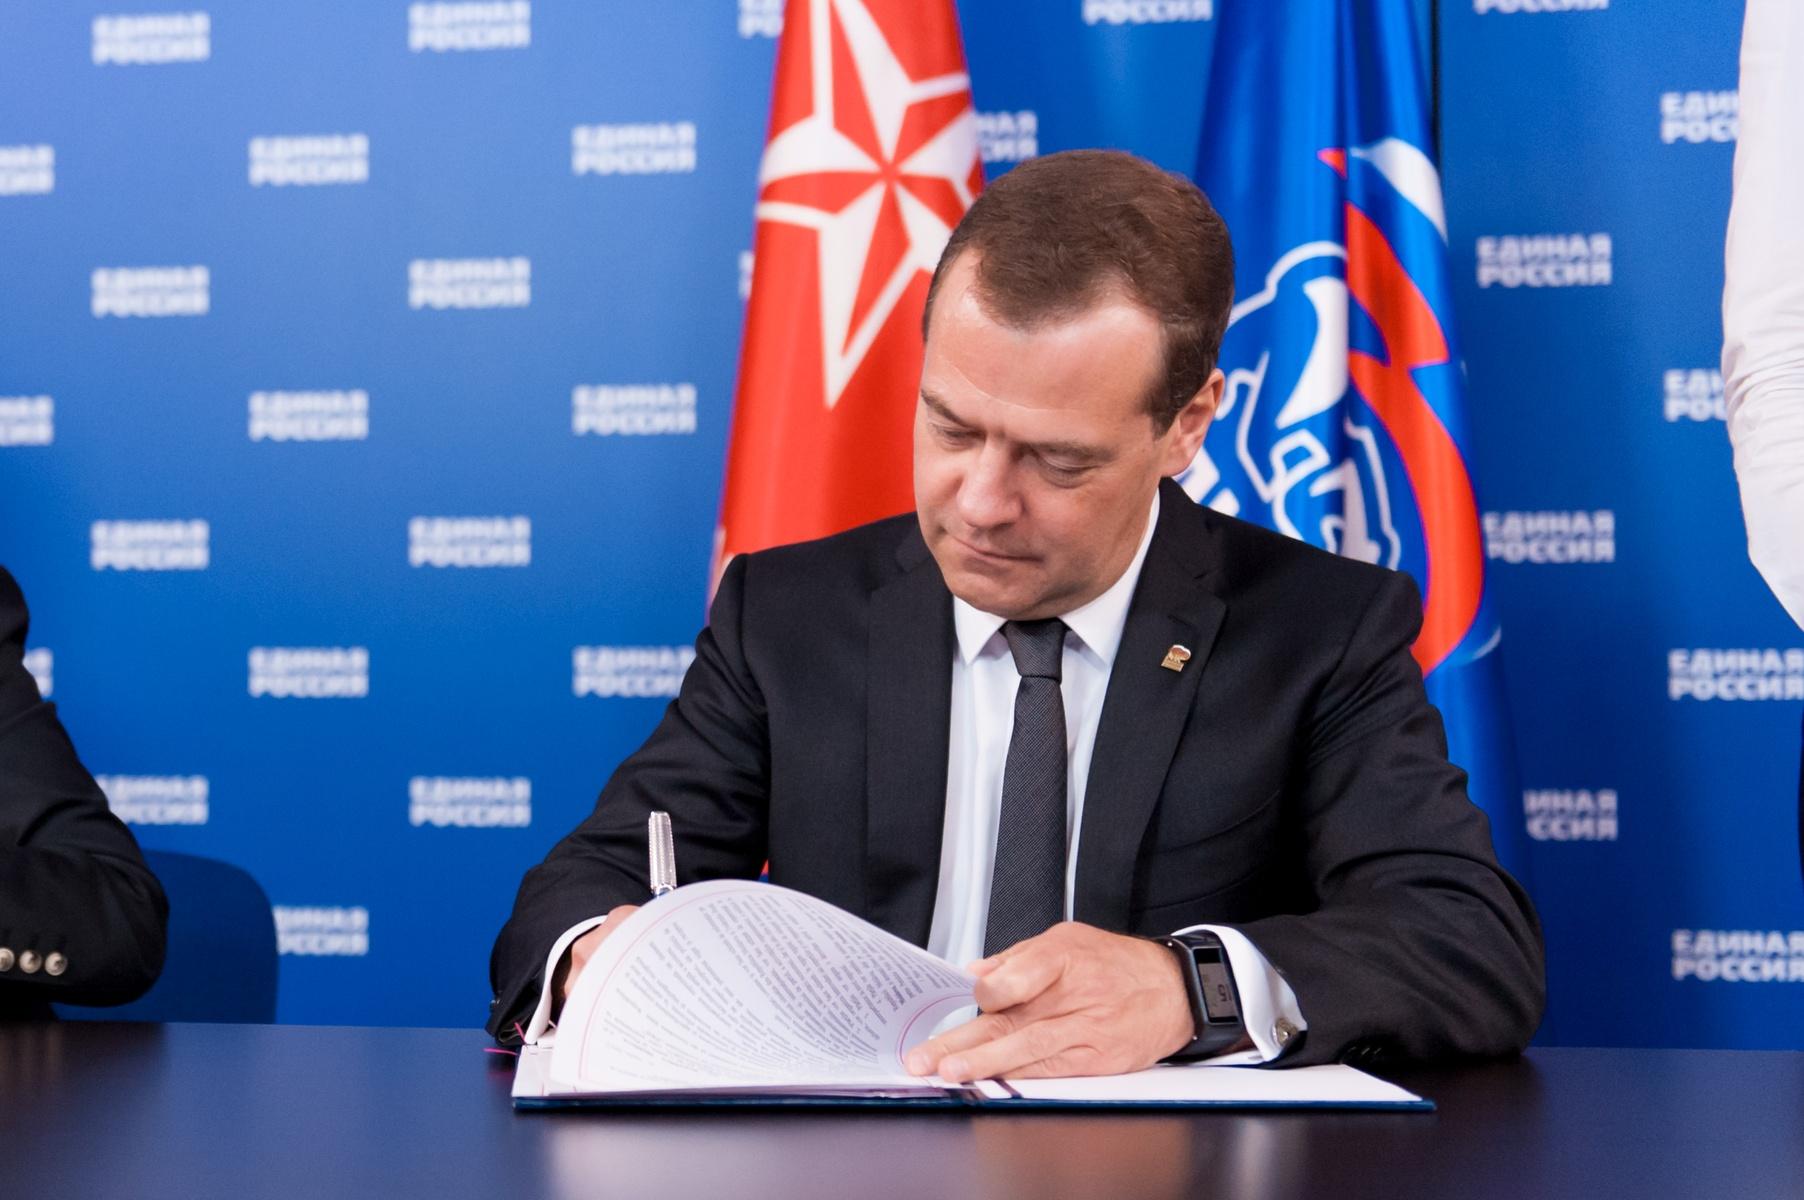 Председатель партии Единая Россия Д.А. Медведев подсчитывает барыши? Фото из официального сайта партии Единая Россия.